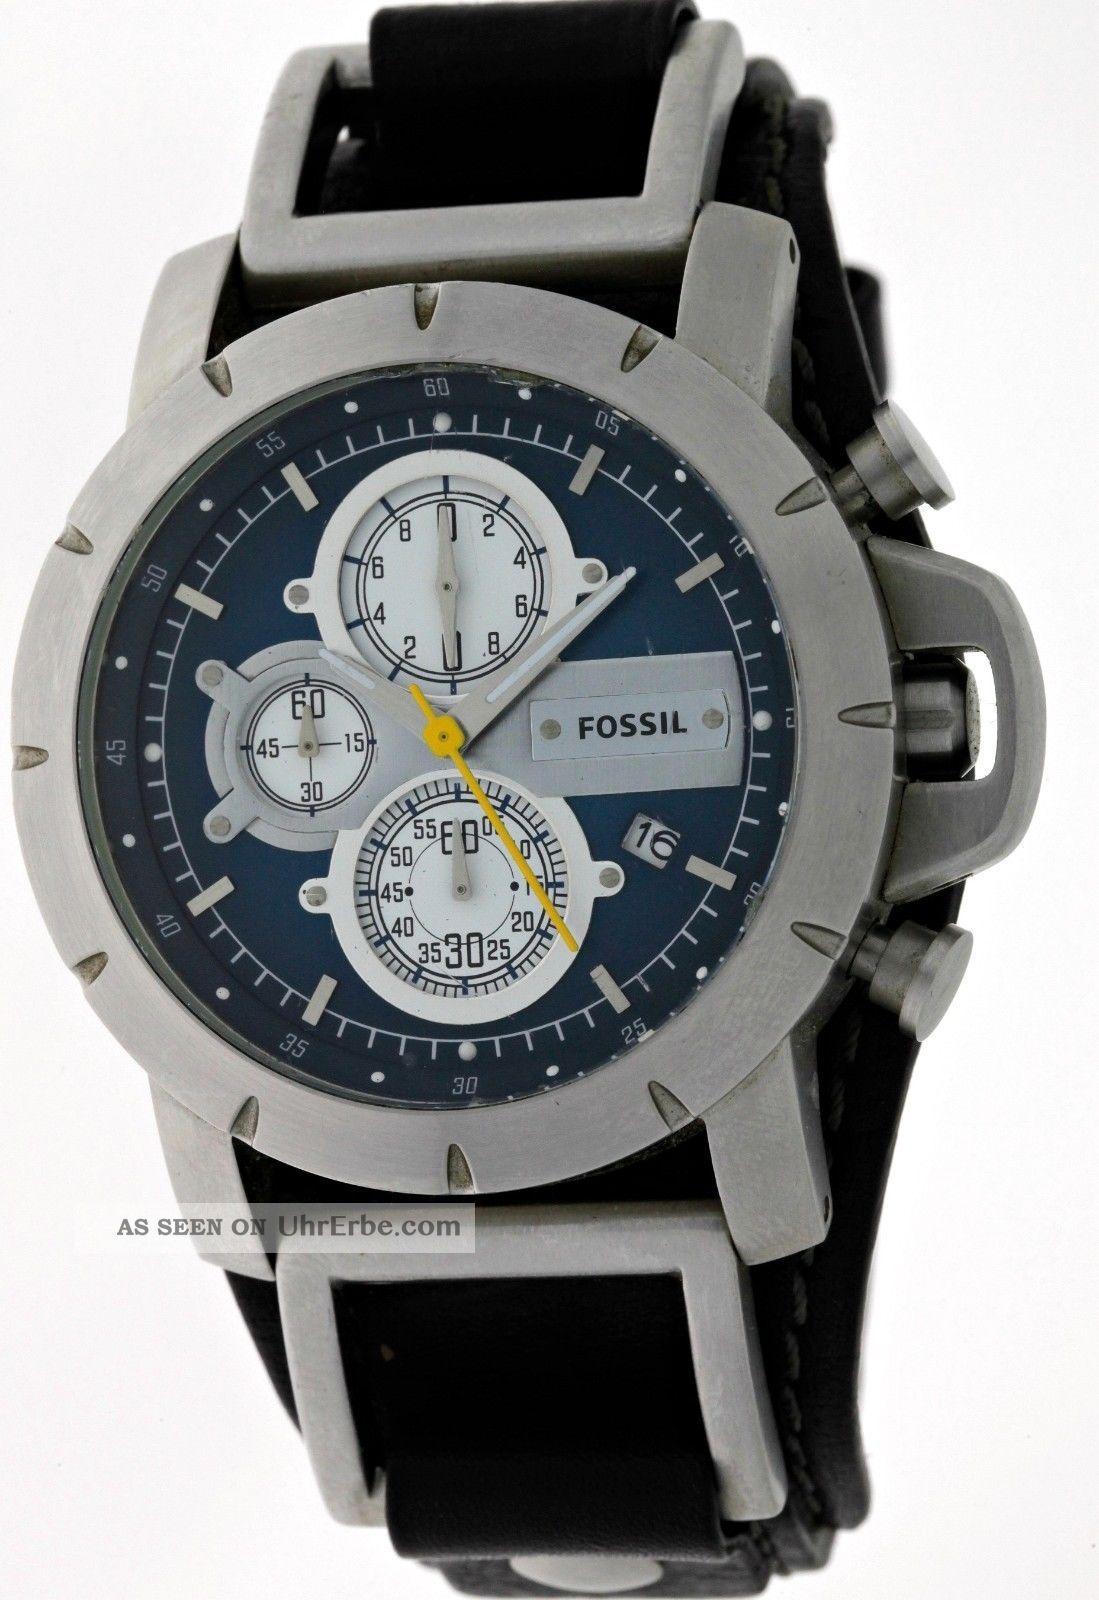 Fossil Trend Jr - 1156 Herren 3 Register Chronograph Mit Datum Edelstahl Blue Dial Armbanduhren Bild